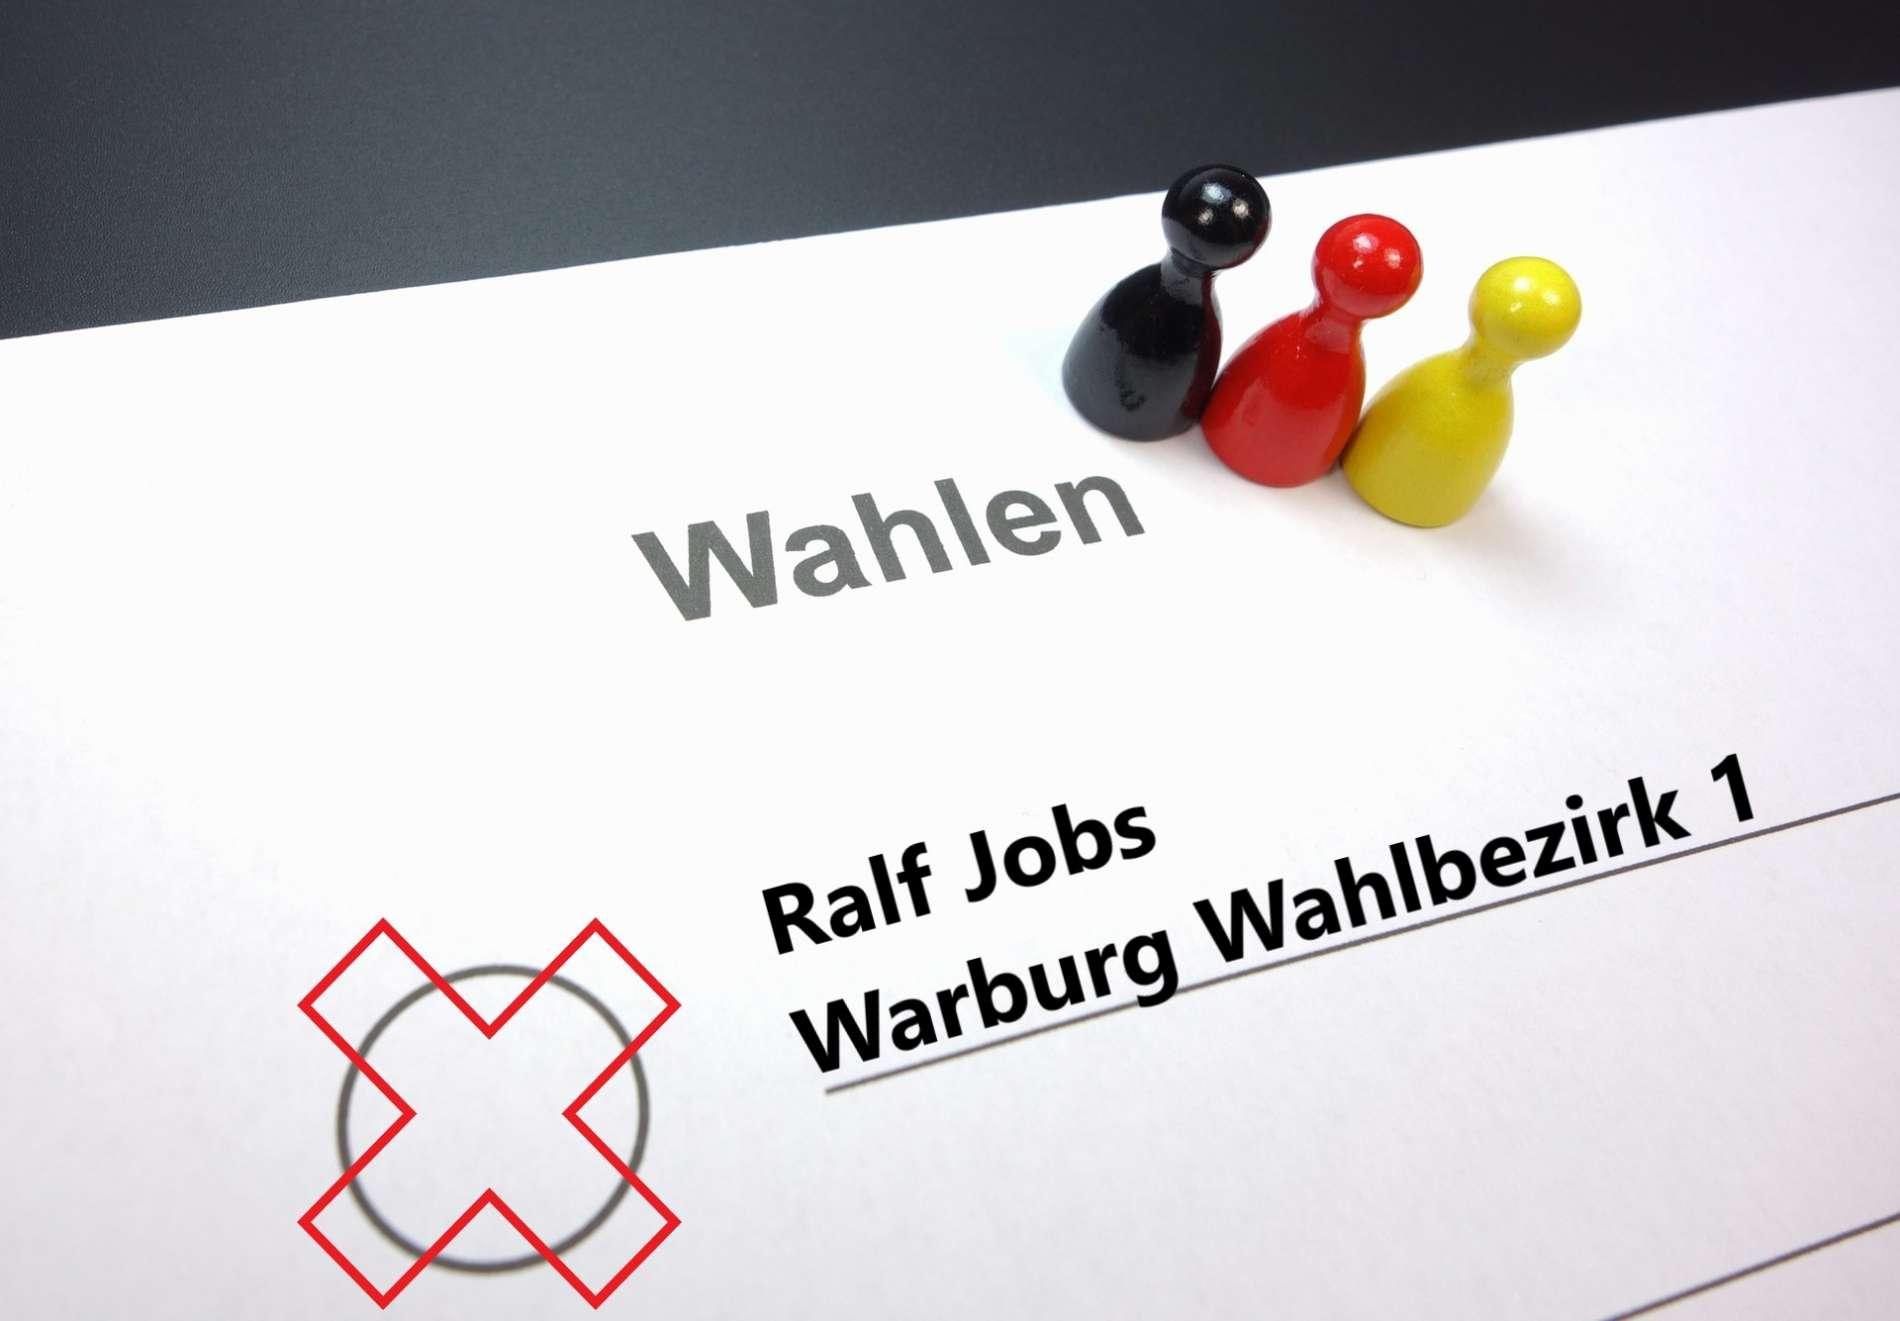 Ralf Jobs Wahlbezirk 1 Warburg Wahlen